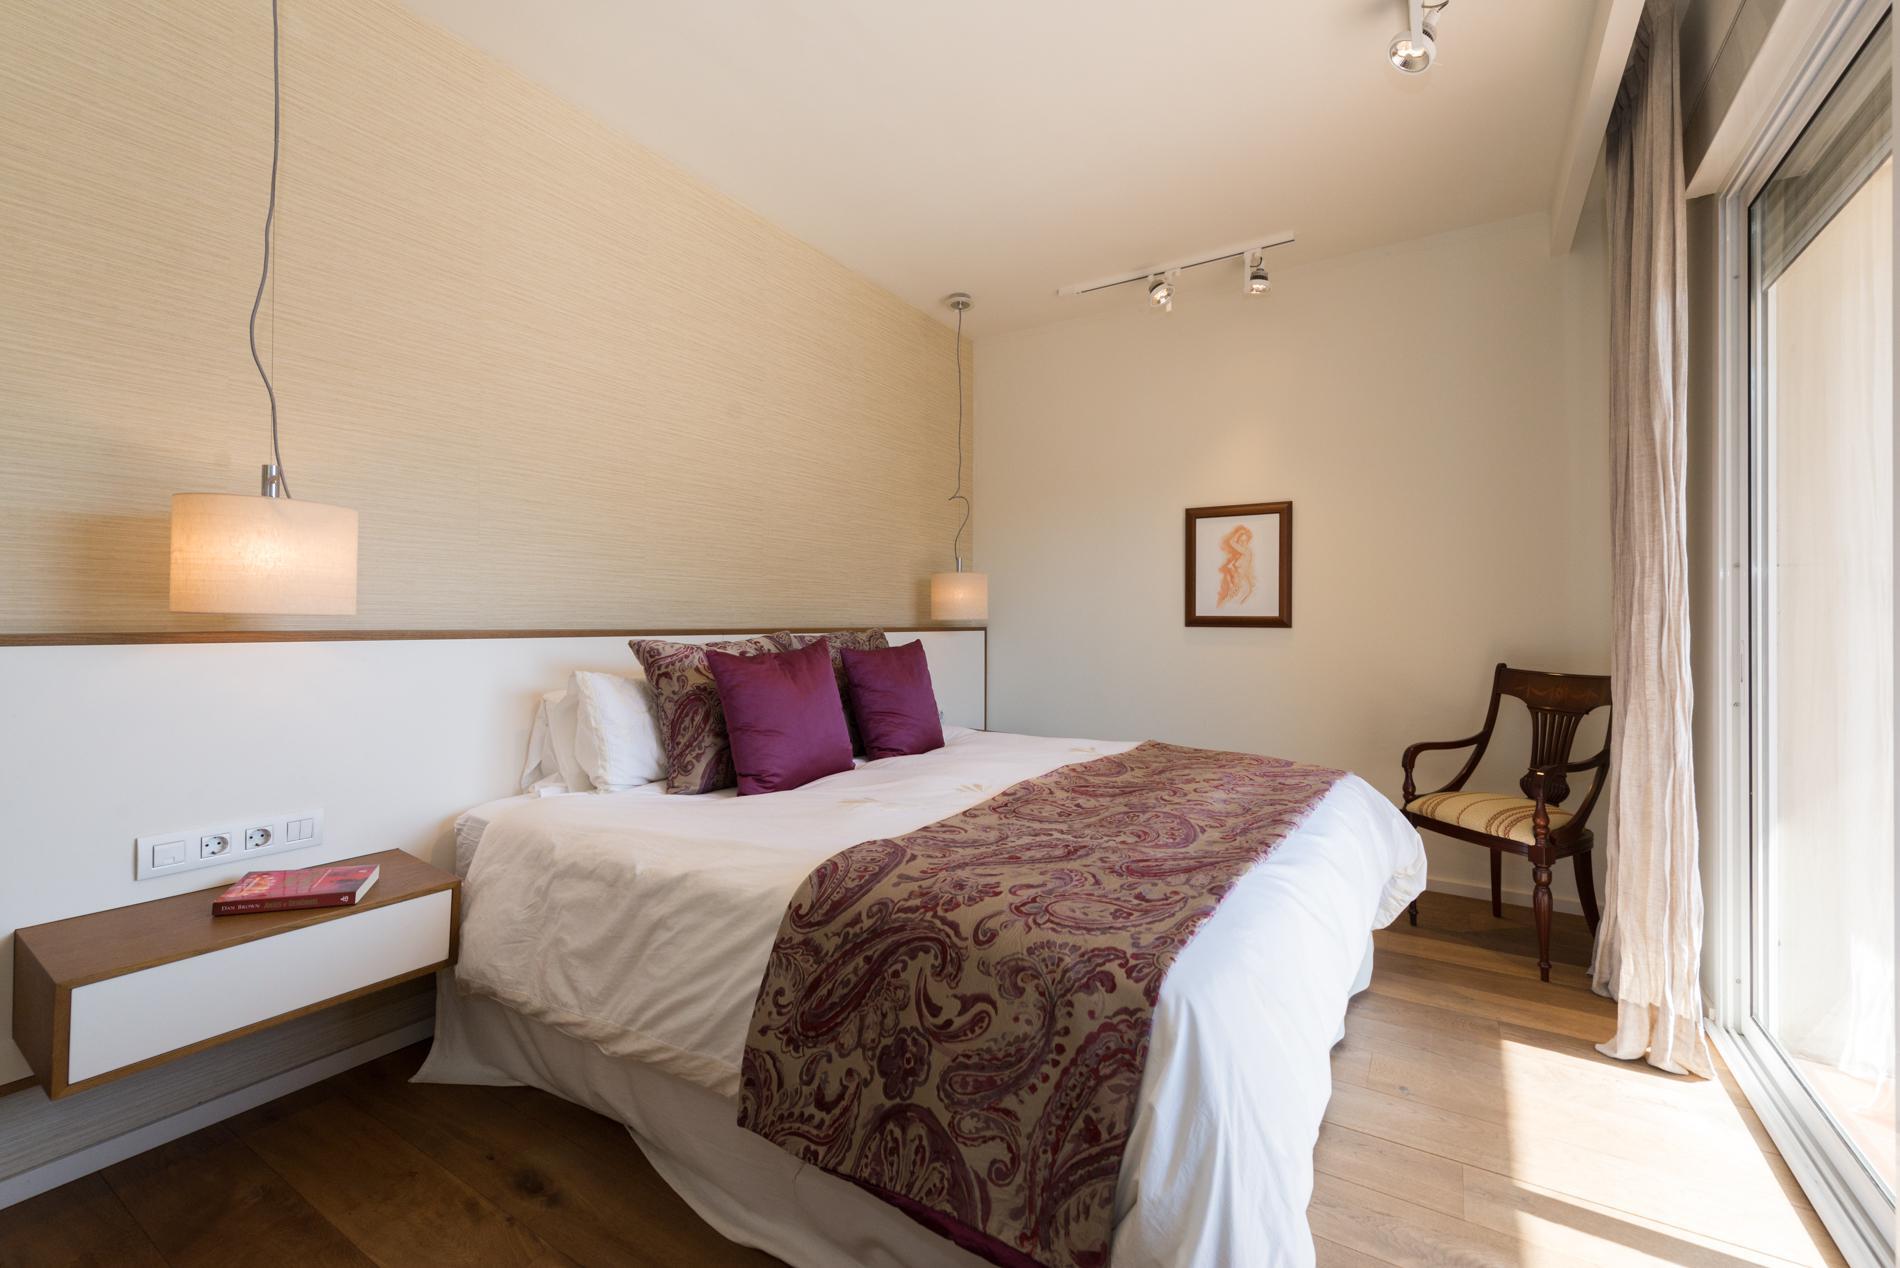 222426 Apartment for sale in Eixample, Dreta Eixample 17